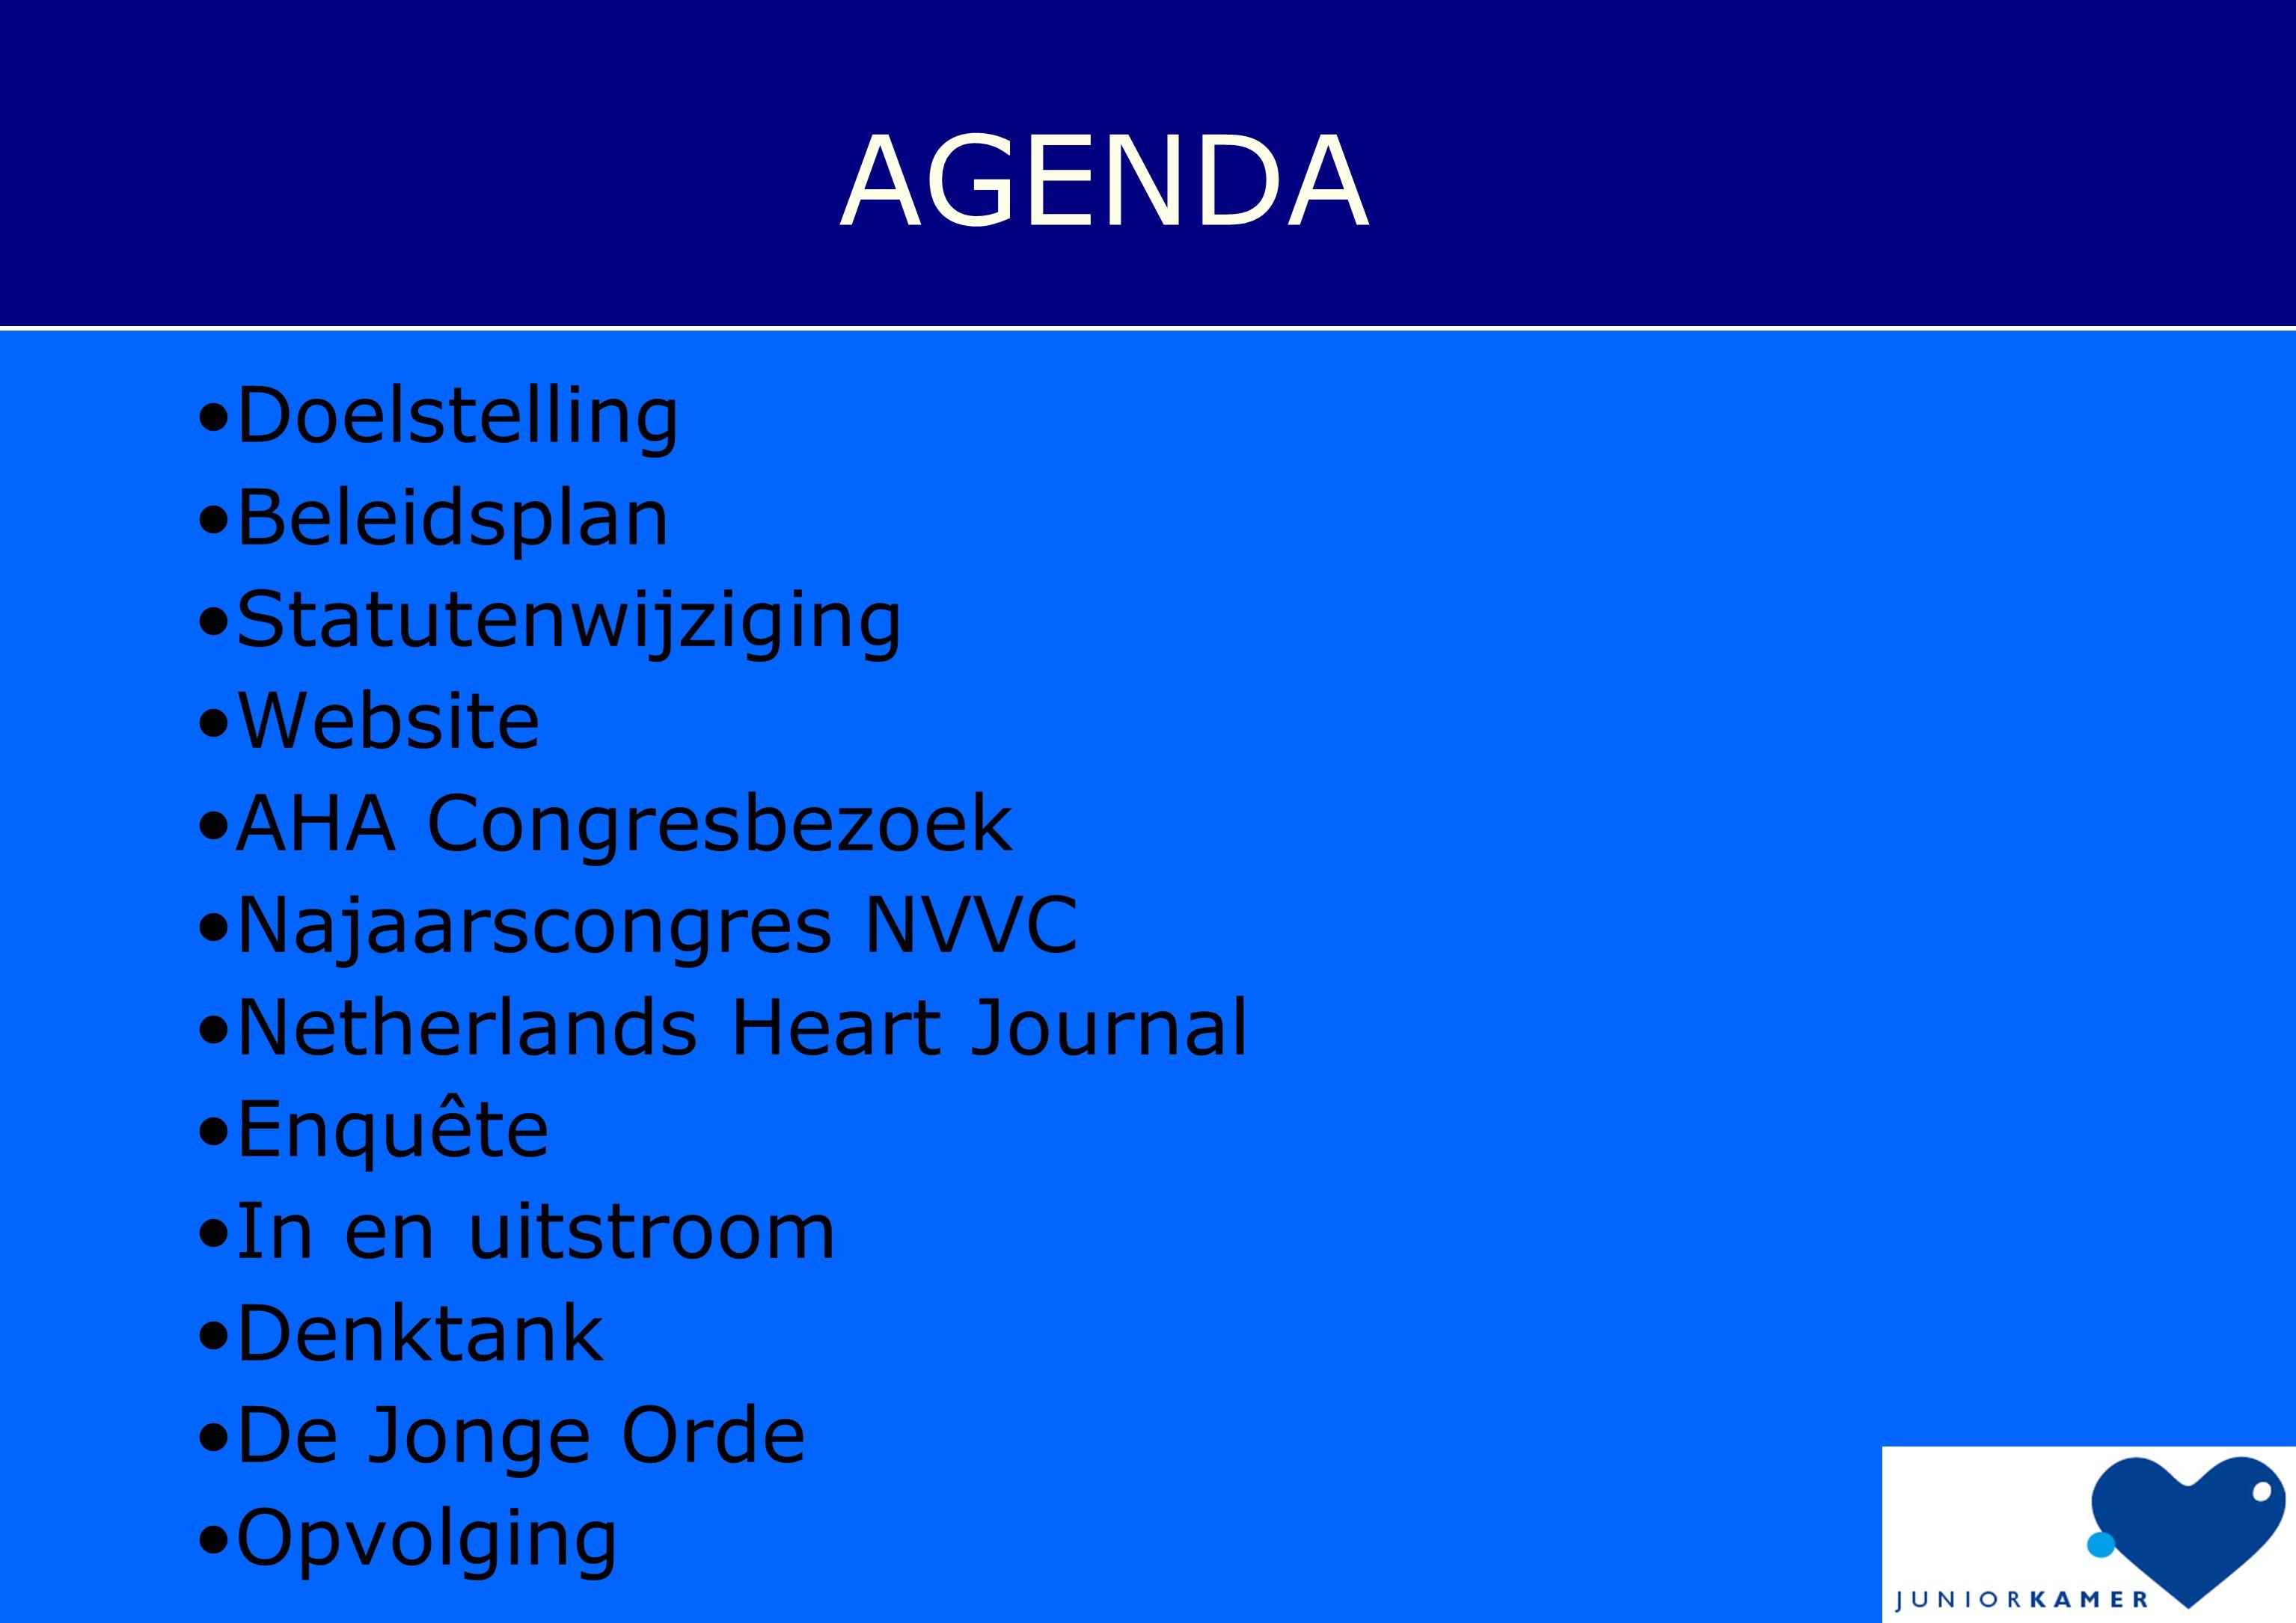 AGENDA •Doelstelling •Beleidsplan •Statutenwijziging •Website •AHA Congresbezoek •Najaarscongres NVVC •Netherlands Heart Journal •Enquête •In en uitst